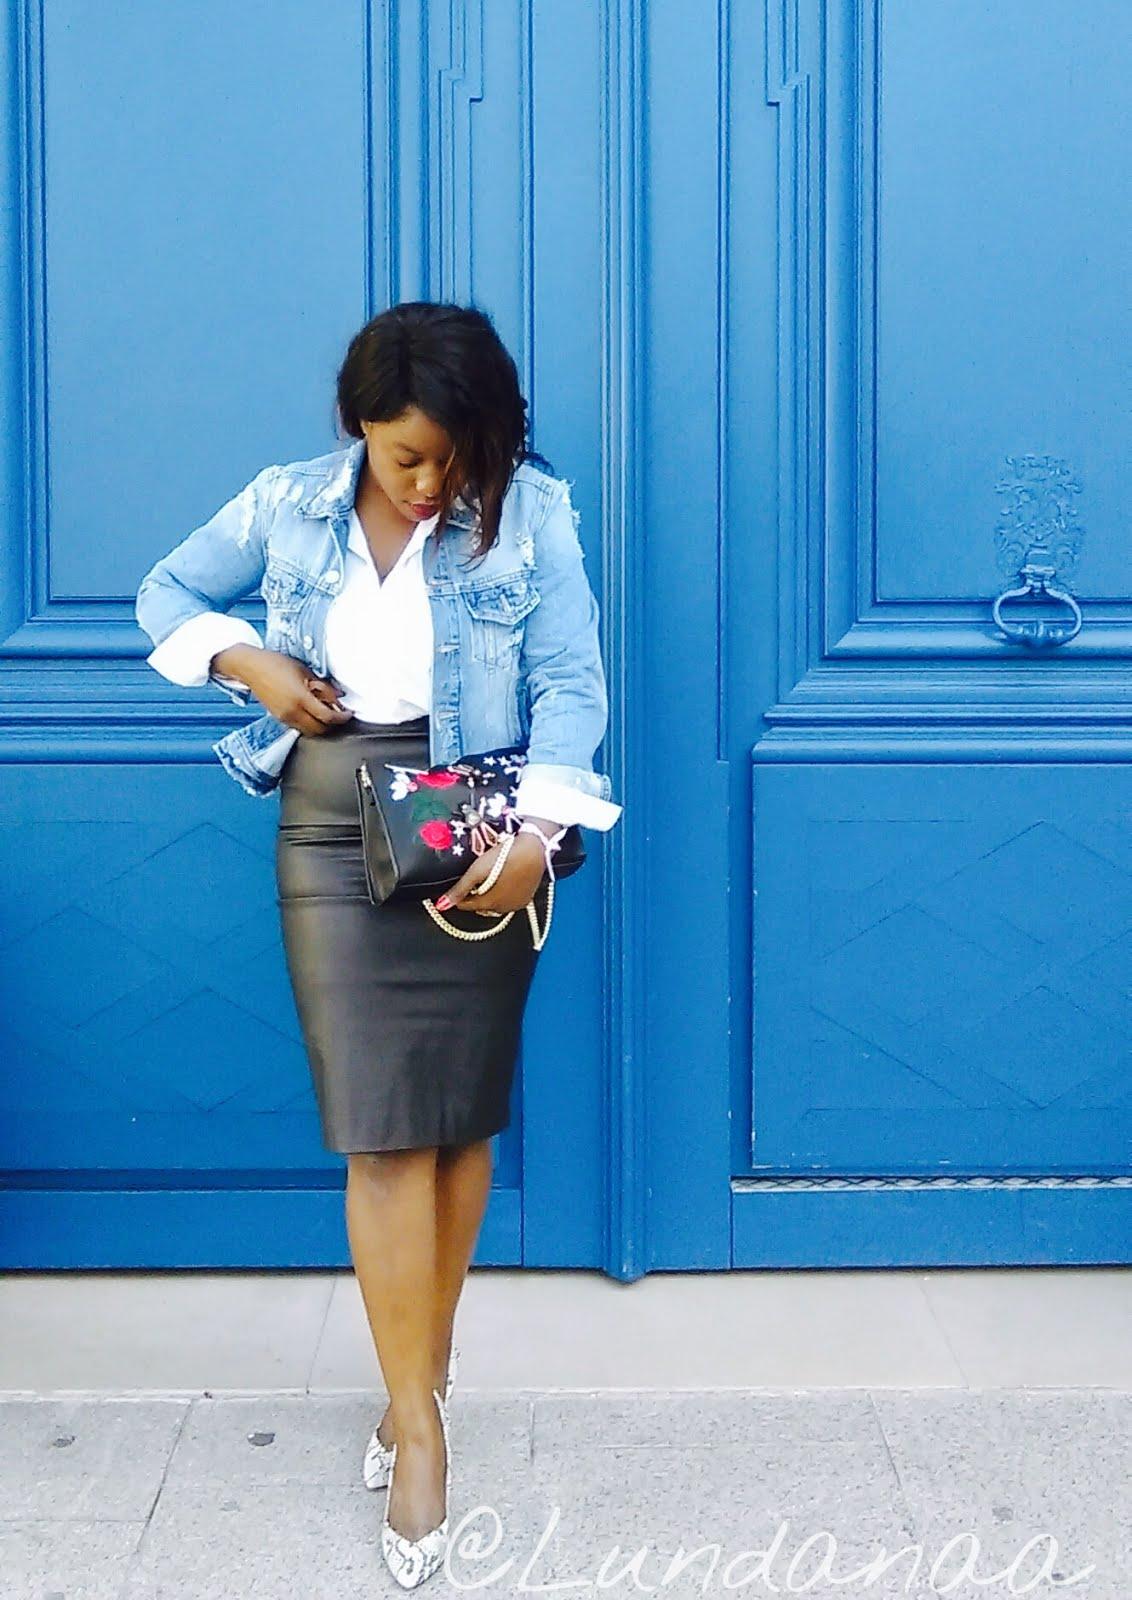 Lundanaa : luxe, défilés de mode et conseils en style